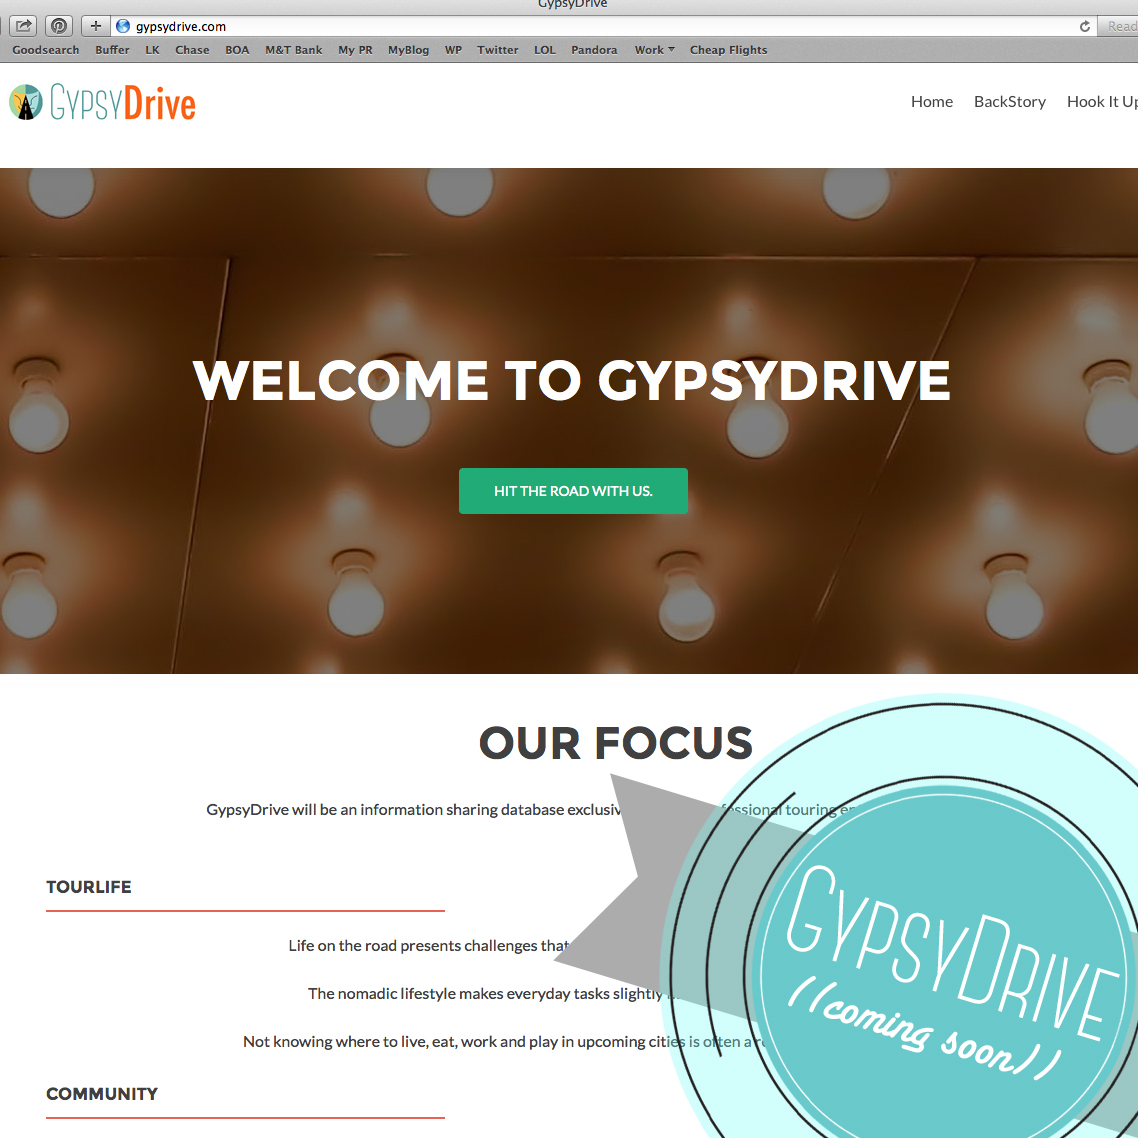 Gypsy Drive